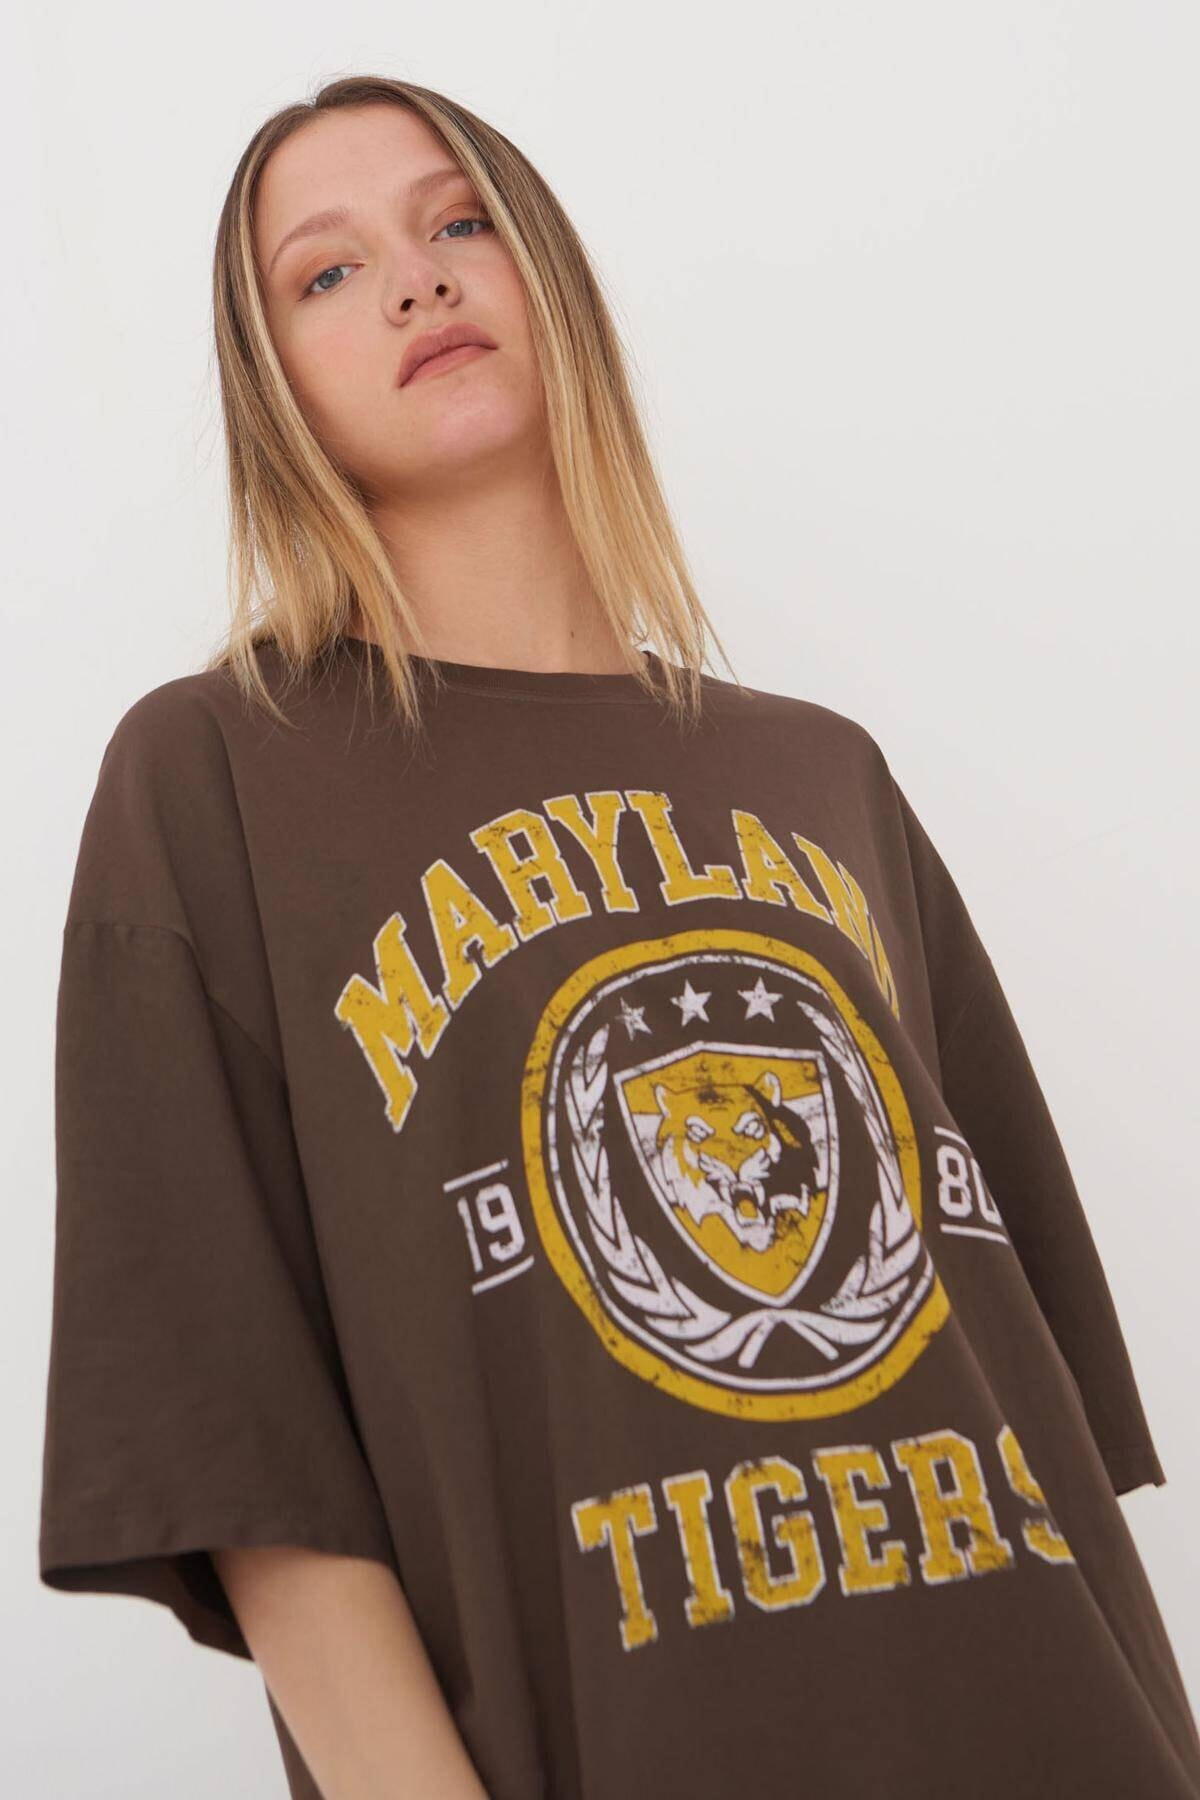 Addax Kadın Kahve Baskılı Oversize T-Shirt P9546 - B5 Adx-0000023996 3